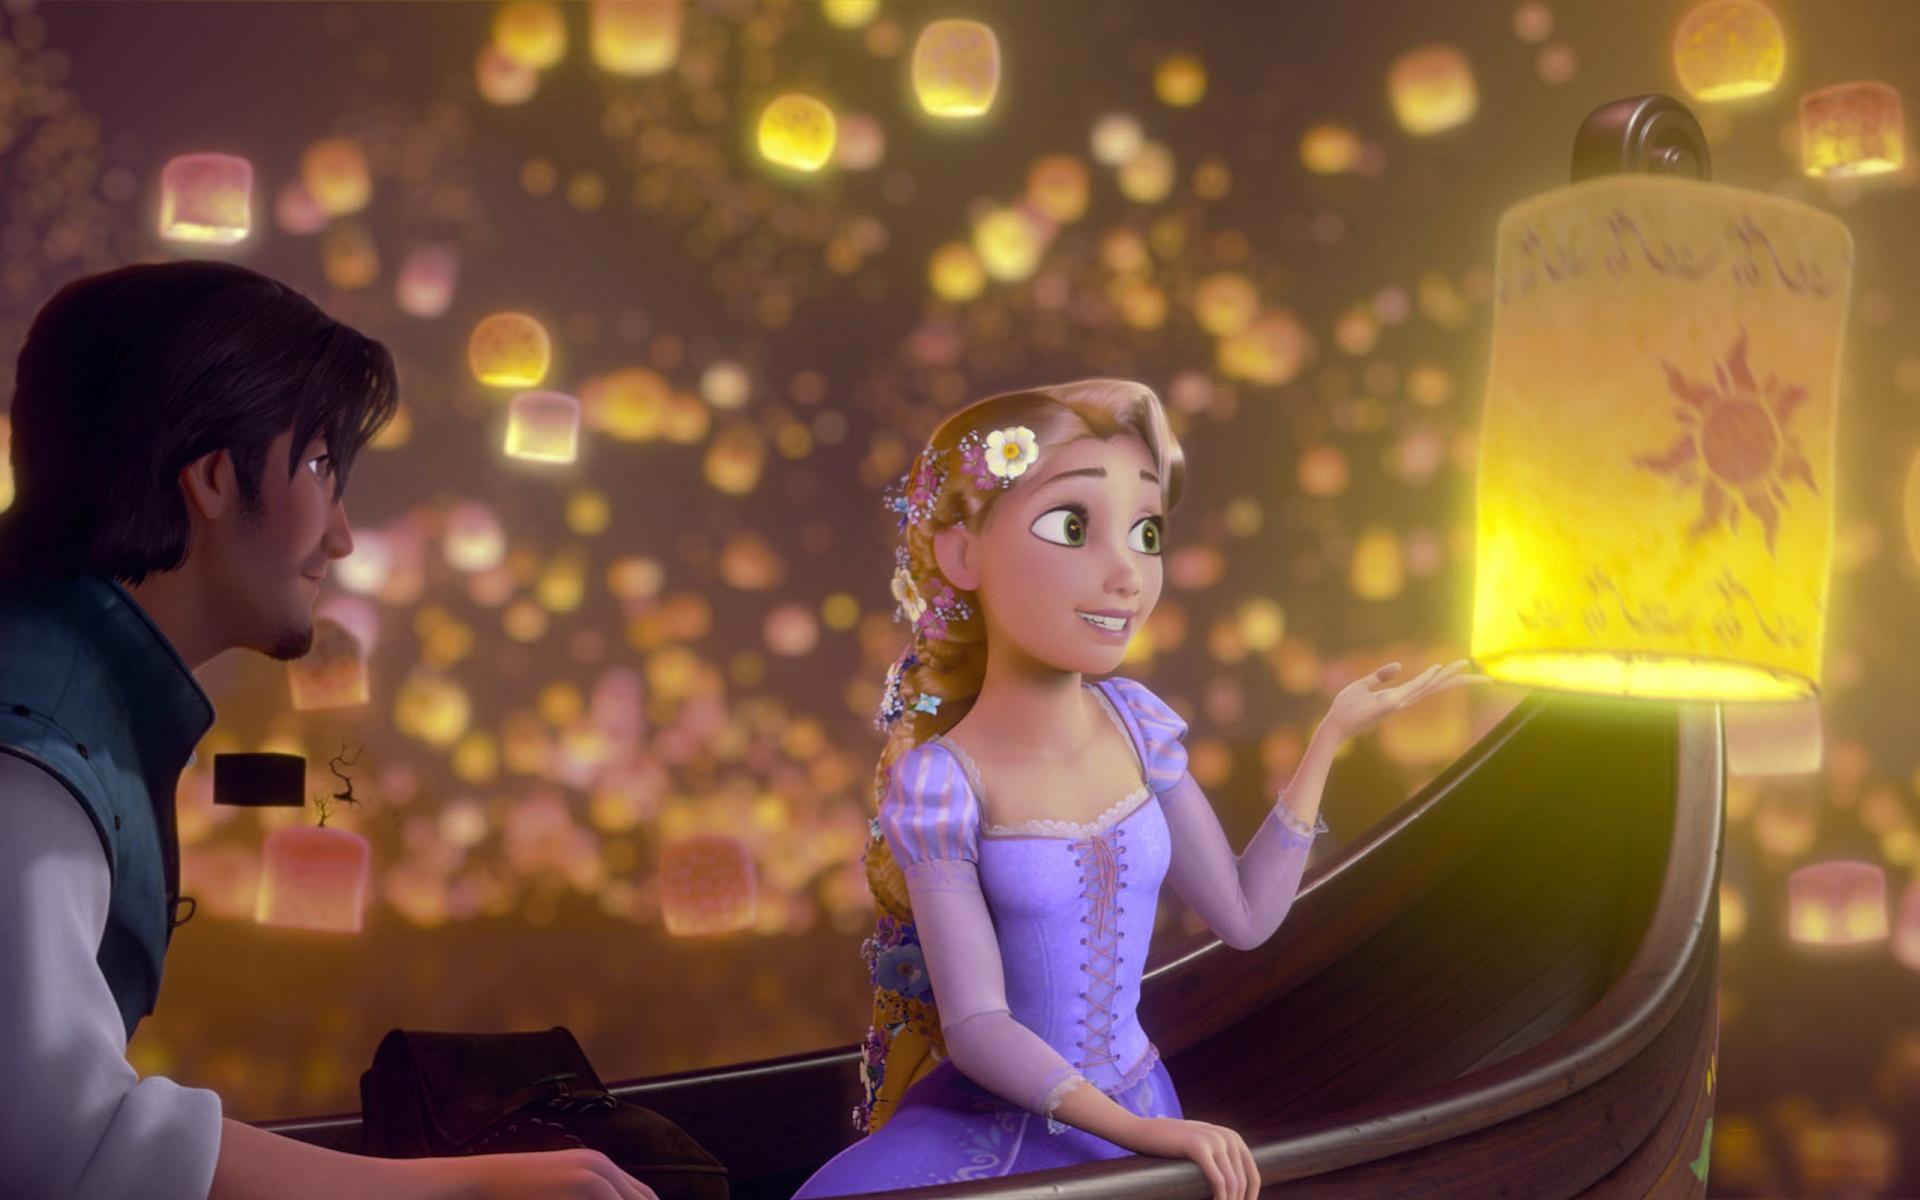 20424 Salvapantallas y fondos de pantalla Dibujos Animados en tu teléfono. Descarga imágenes de Dibujos Animados, Rapunzel gratis